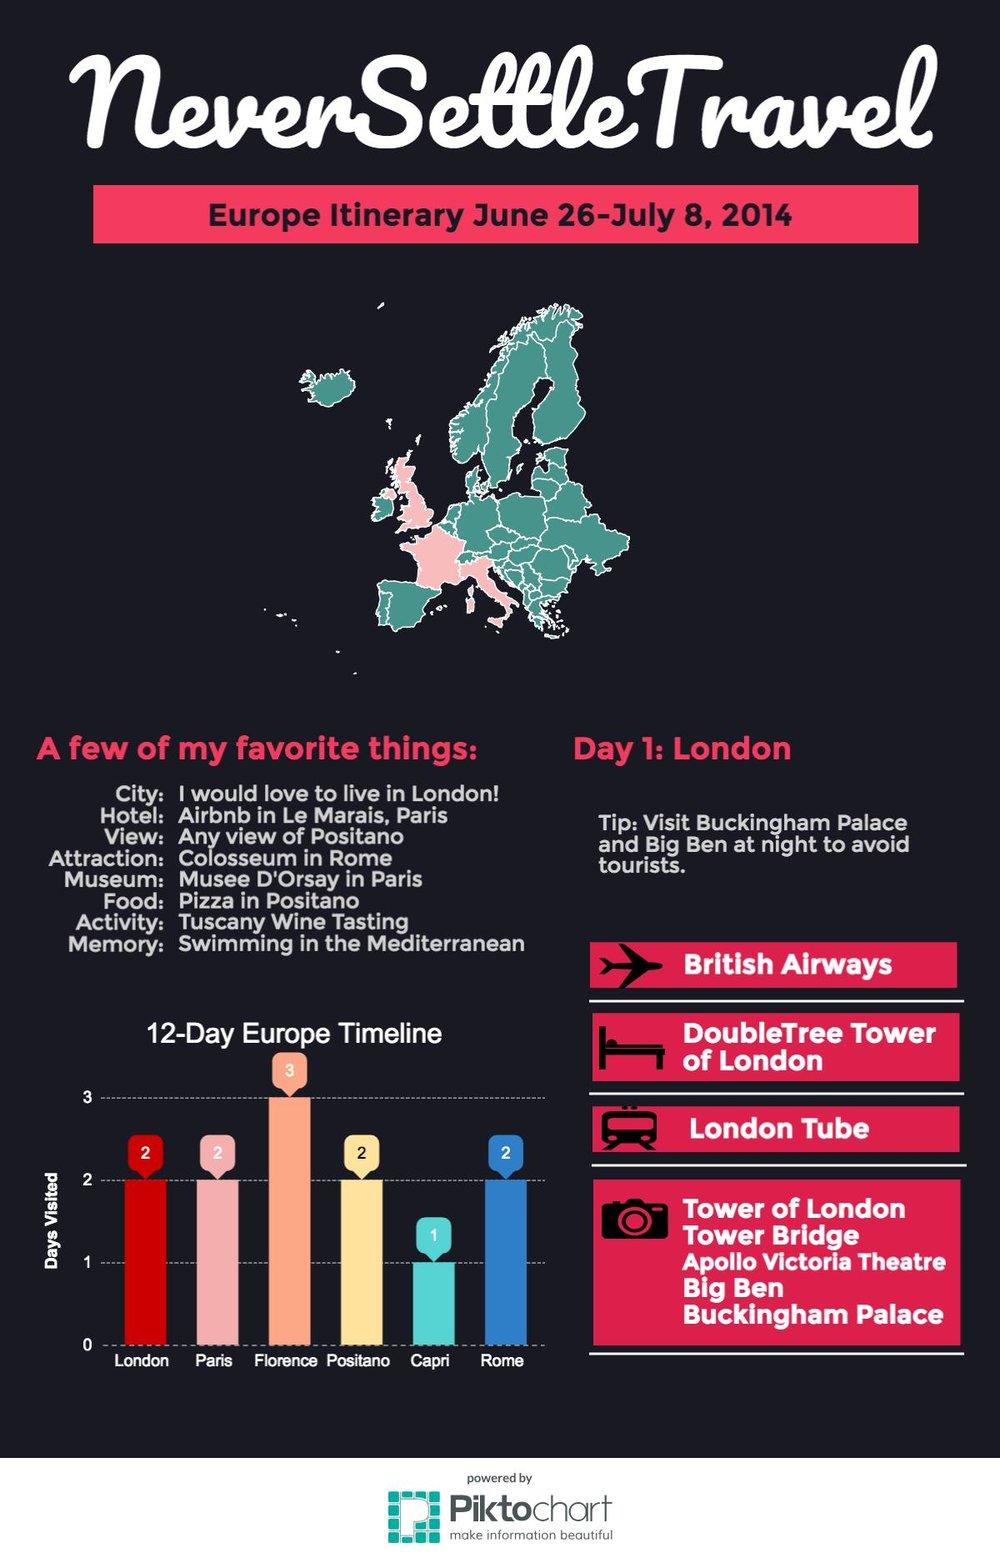 Europe_2014_Itinerary_London_Day_1.jpeg